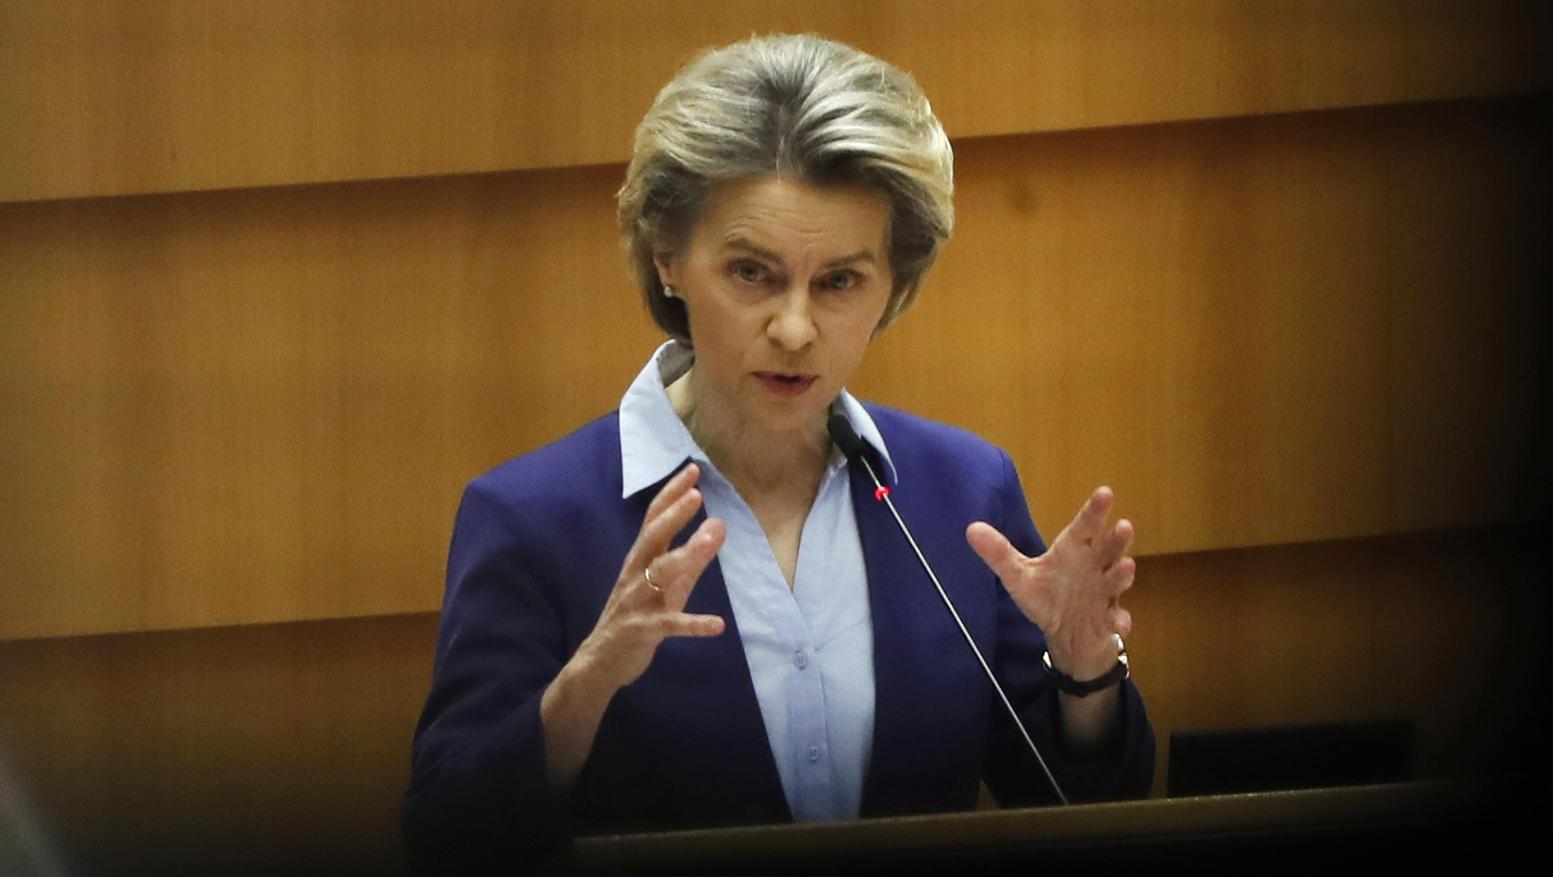 Kommissionspräsidentin von der Leyen befürwortet EU-Impfpass